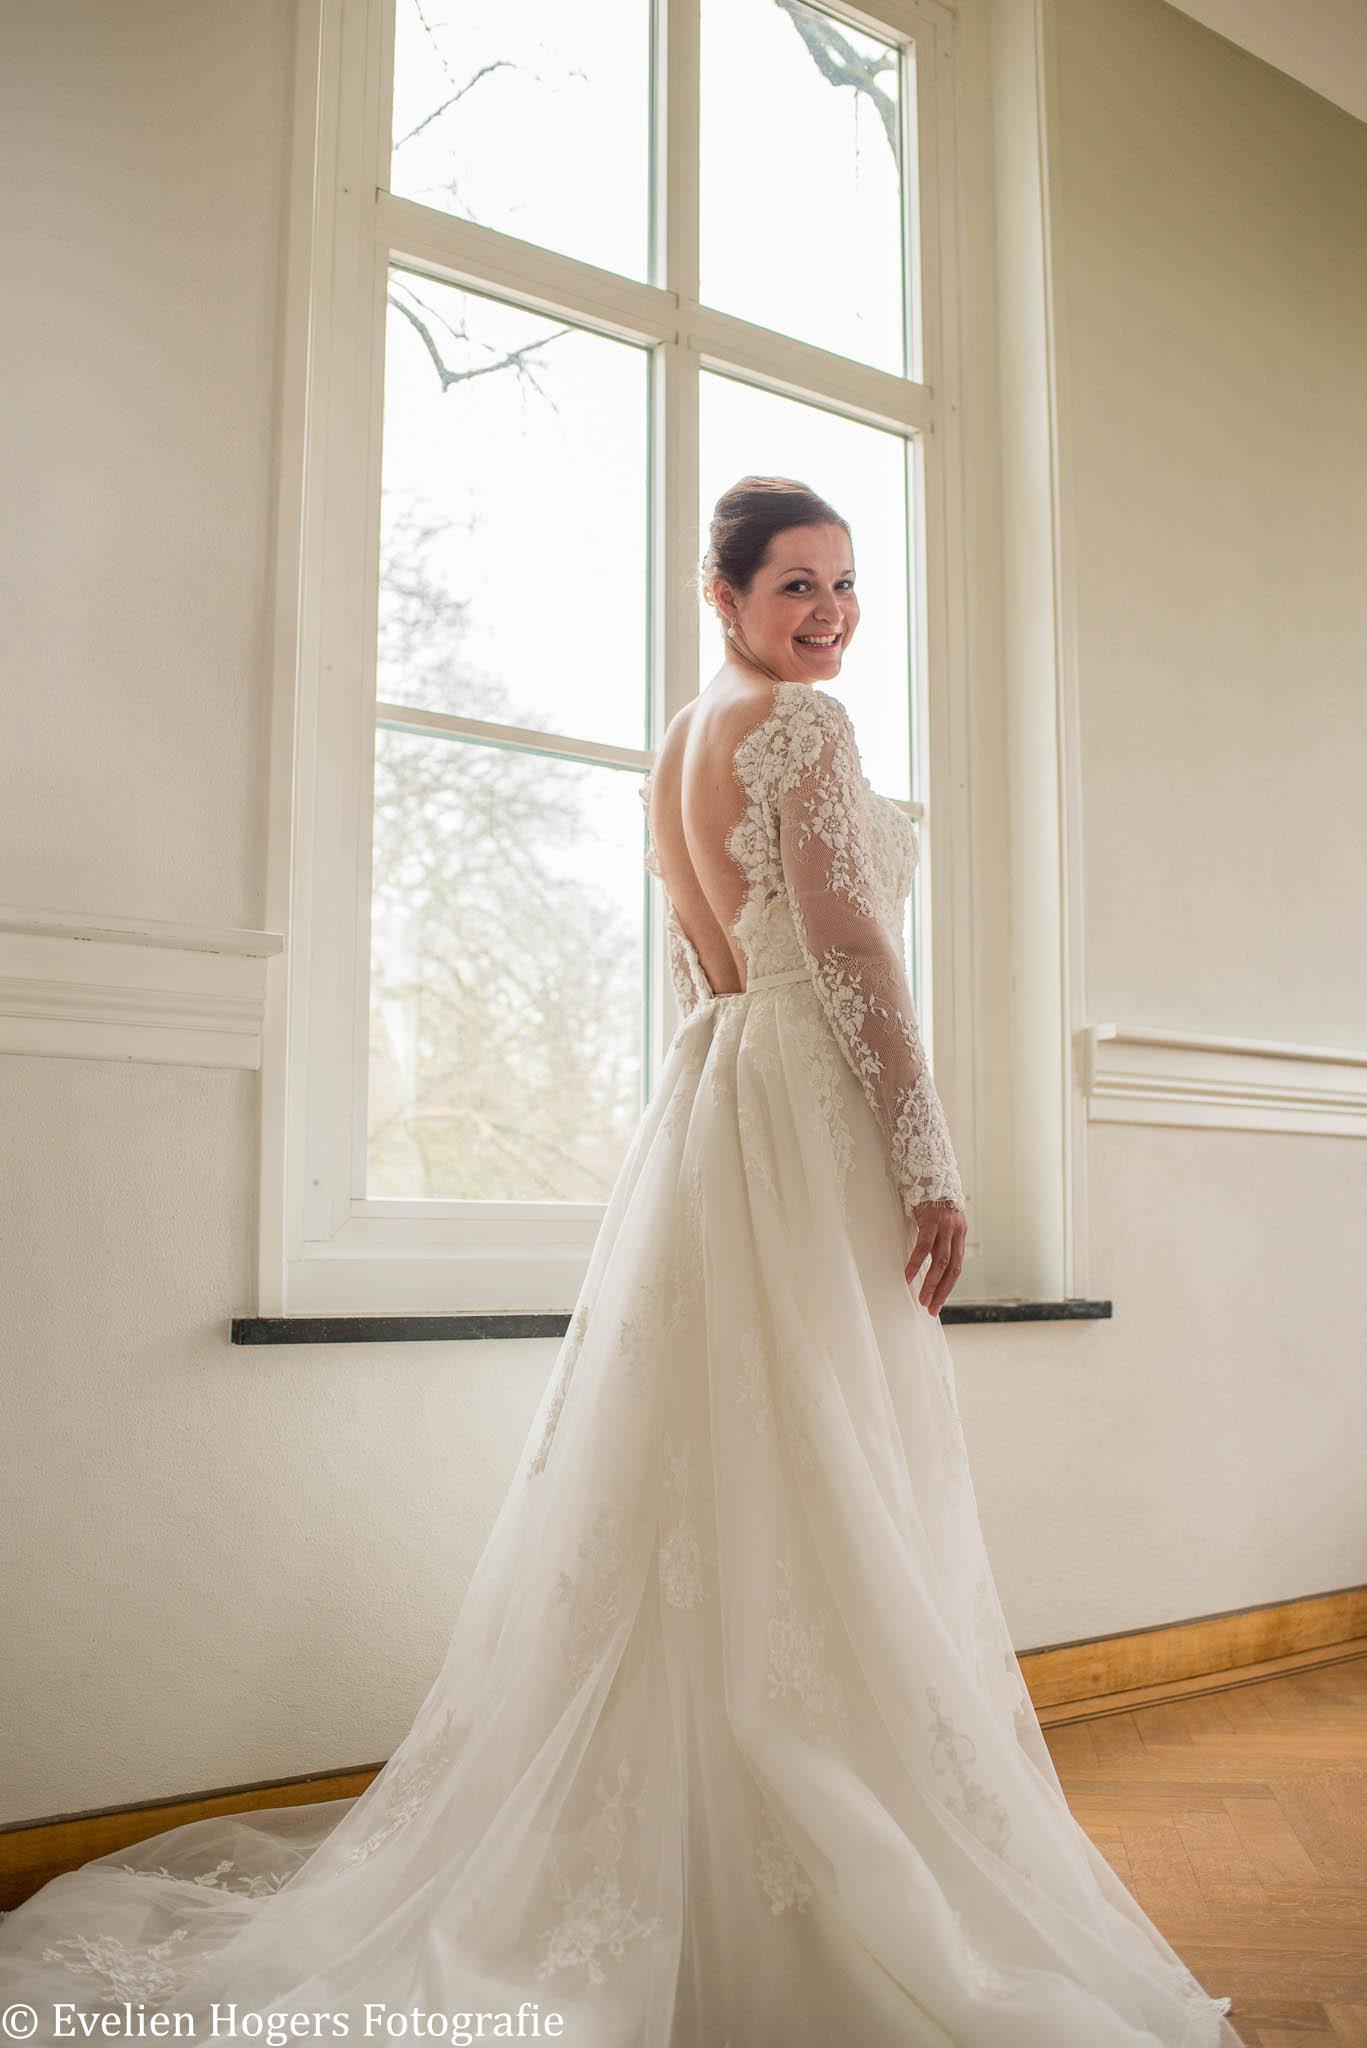 Estate_wedding_Metwatermerk-48.jpg